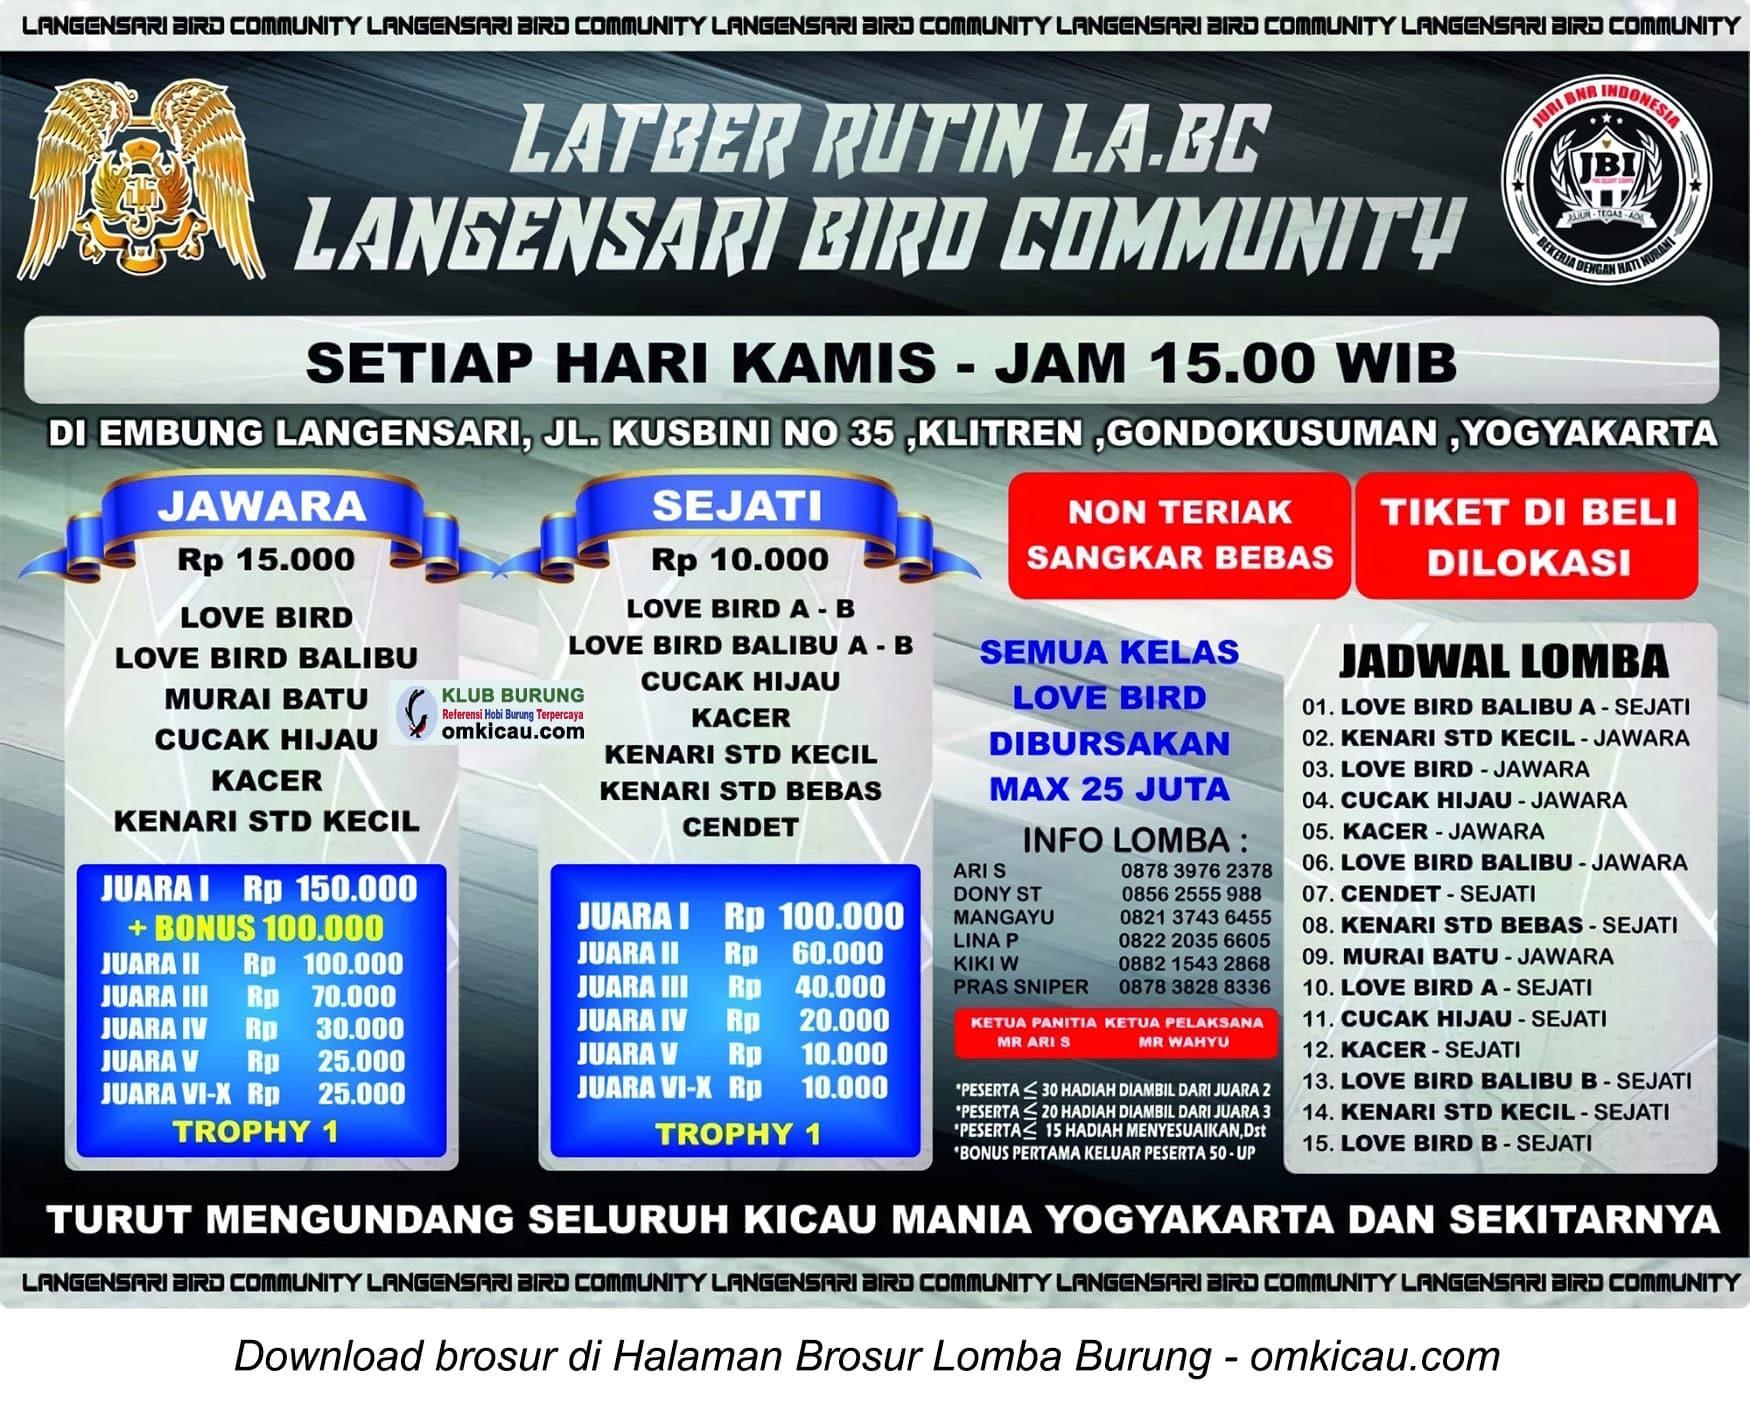 Langensari Bird Community